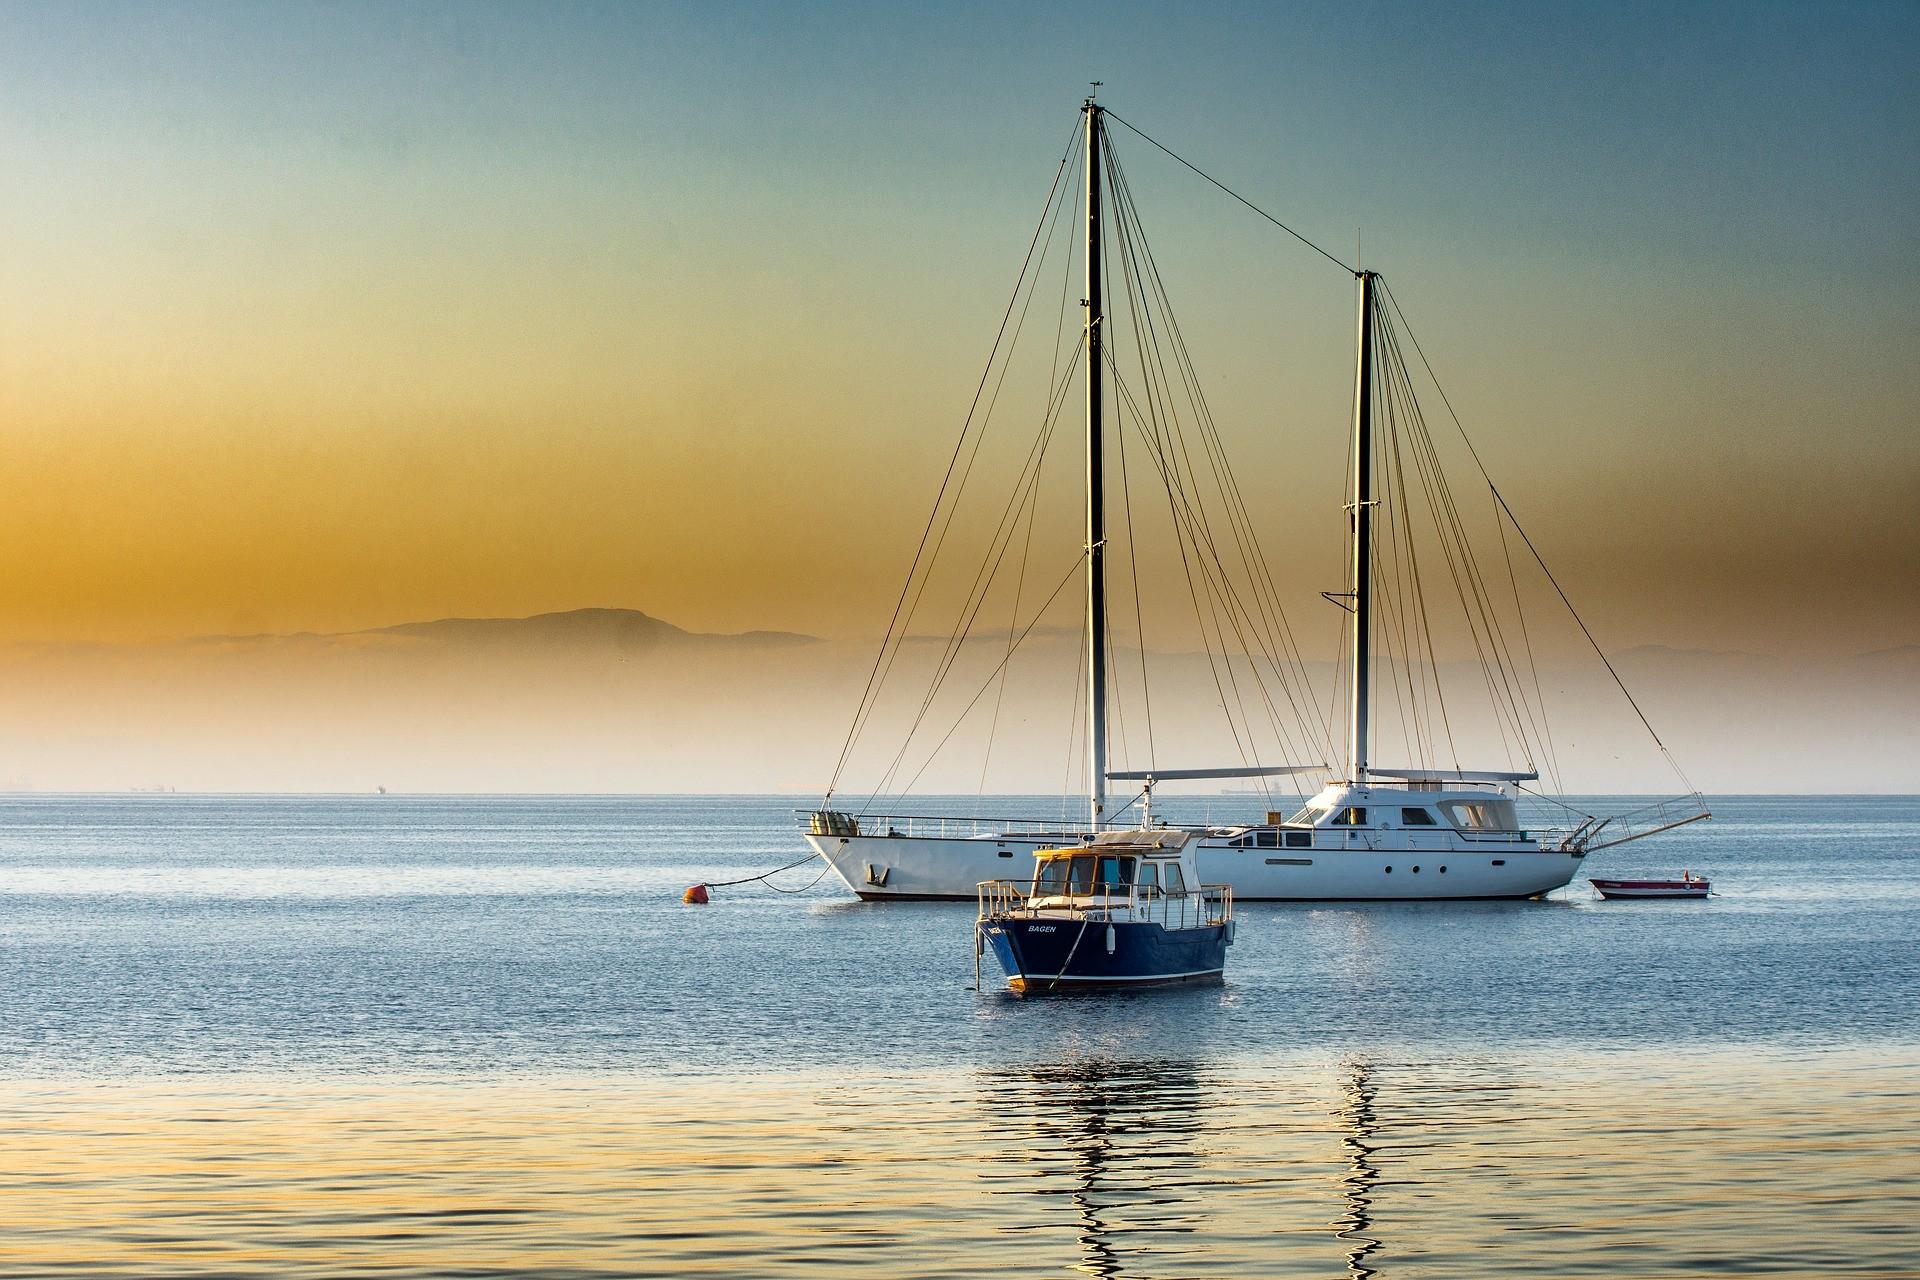 ADB sınav tarihleri 2021: Amatör Denizci Sınav Başvuru ekranı: Nasıl başvuru yapılır? Amatör Denizci Sınav Başvuru şartları neler?